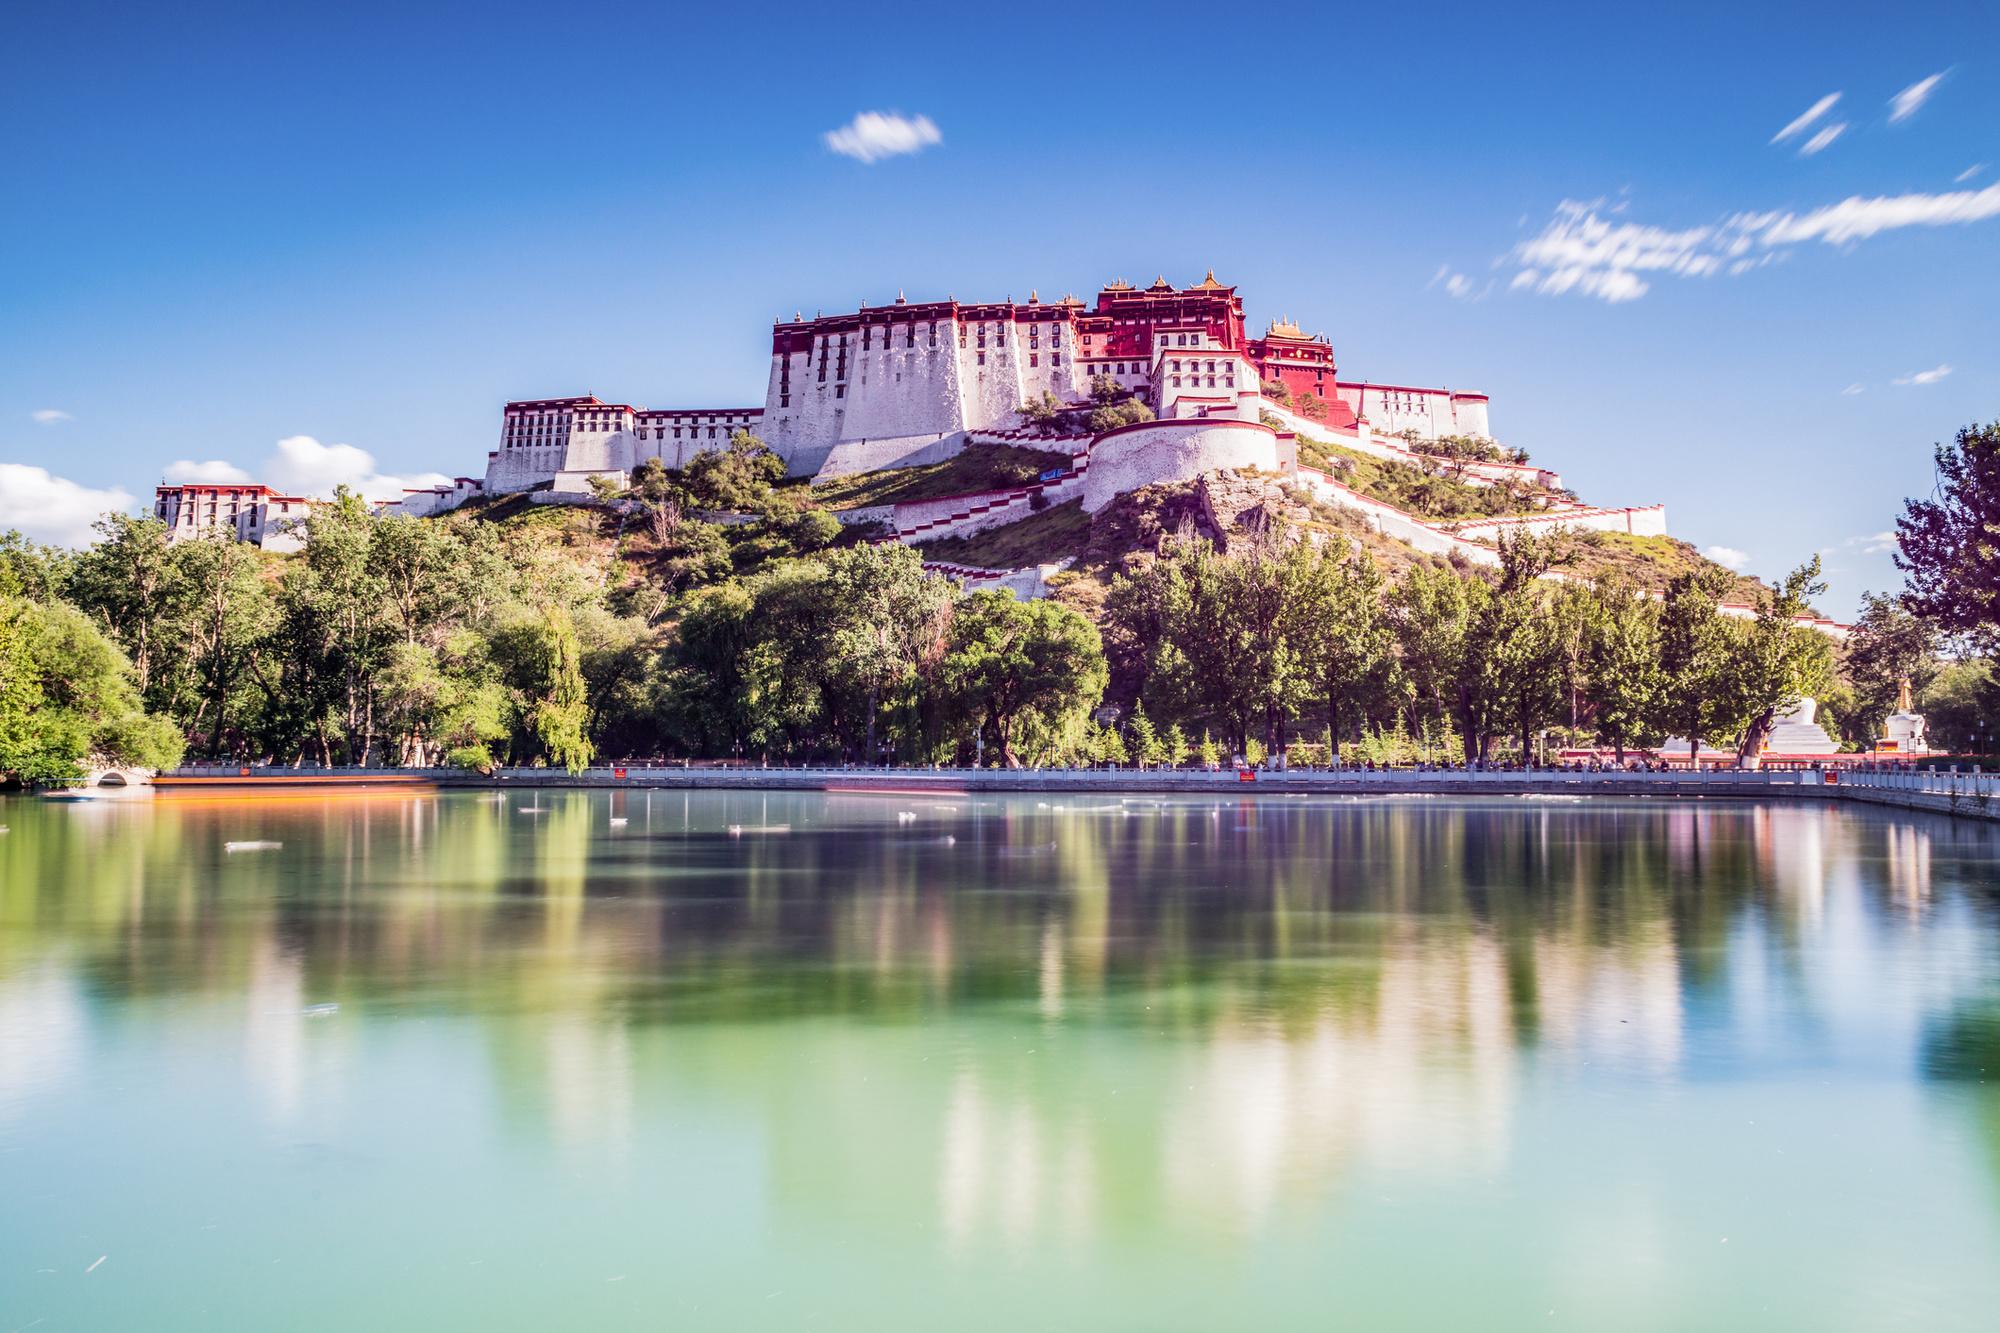 Het klooser op het hoogste punt van de stad, dat nu een populaire toeristische trekpleister is. , Getty Images